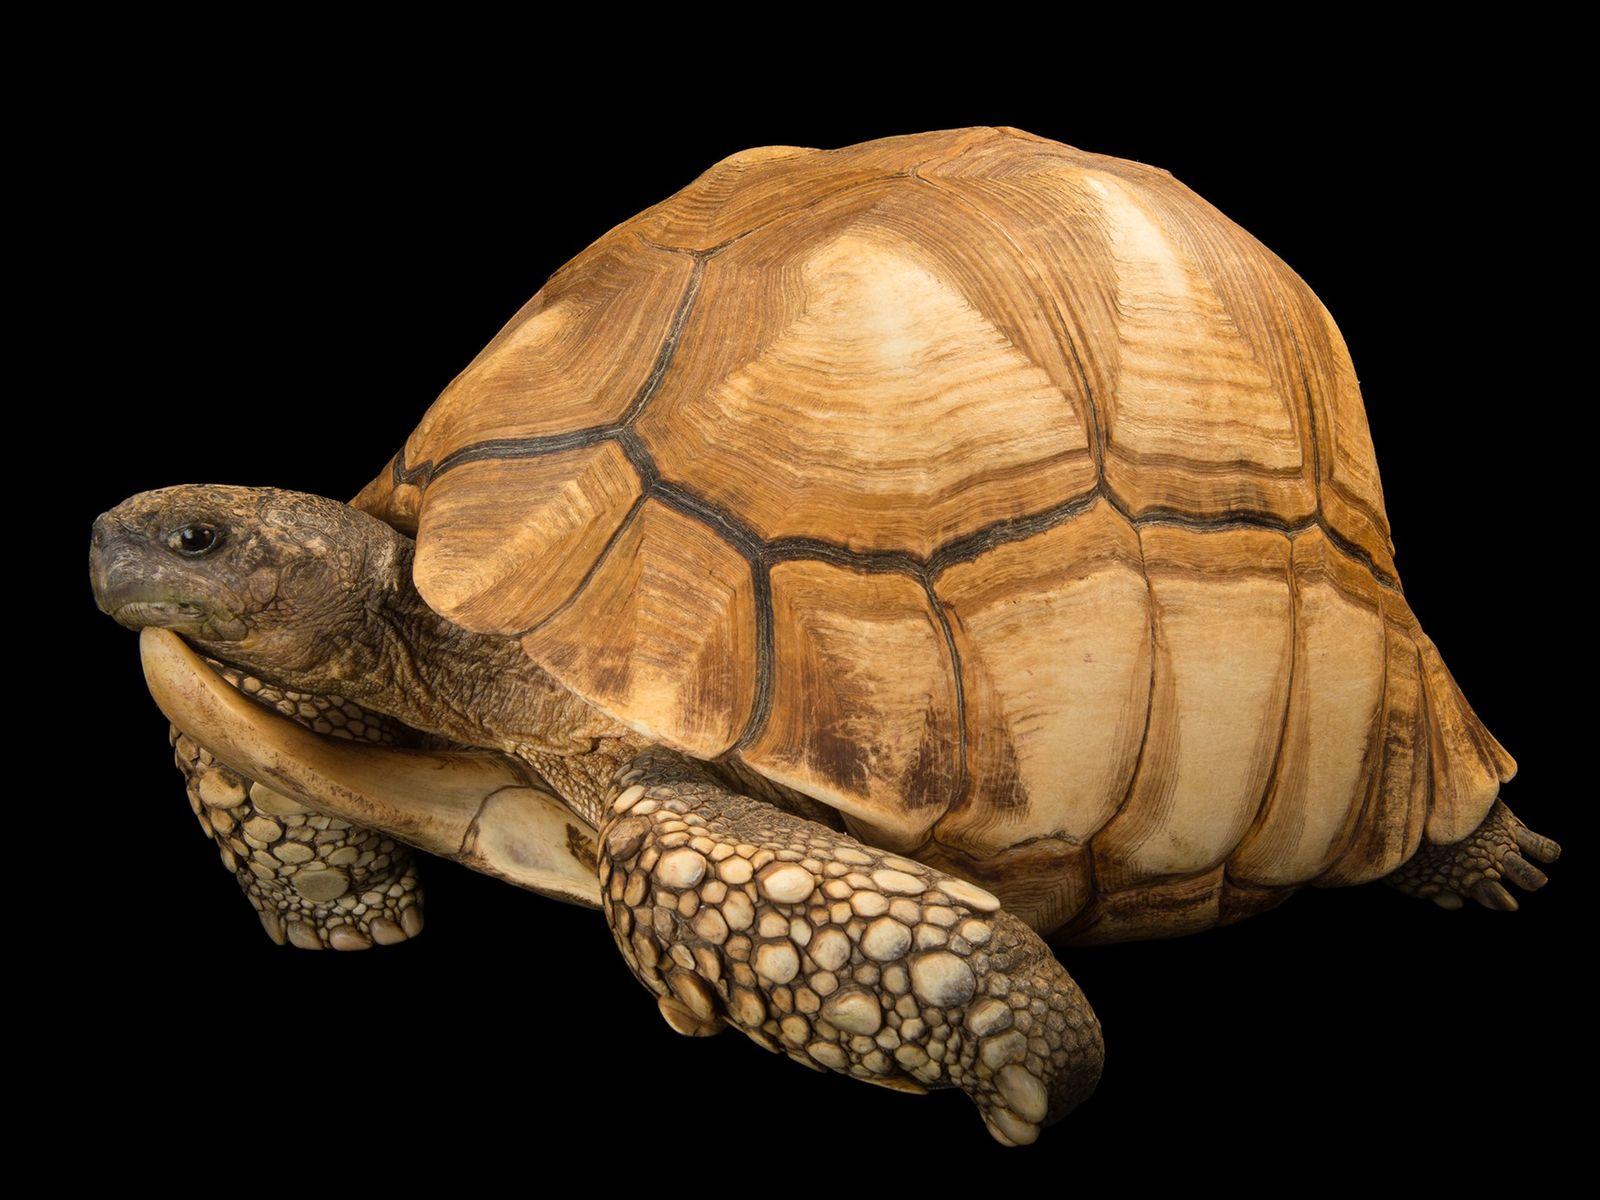 Estado de conservación: riesgo crítico Si bien está protegida por ley en Madagascar, la tortuga angonoka (Astrochelys ...